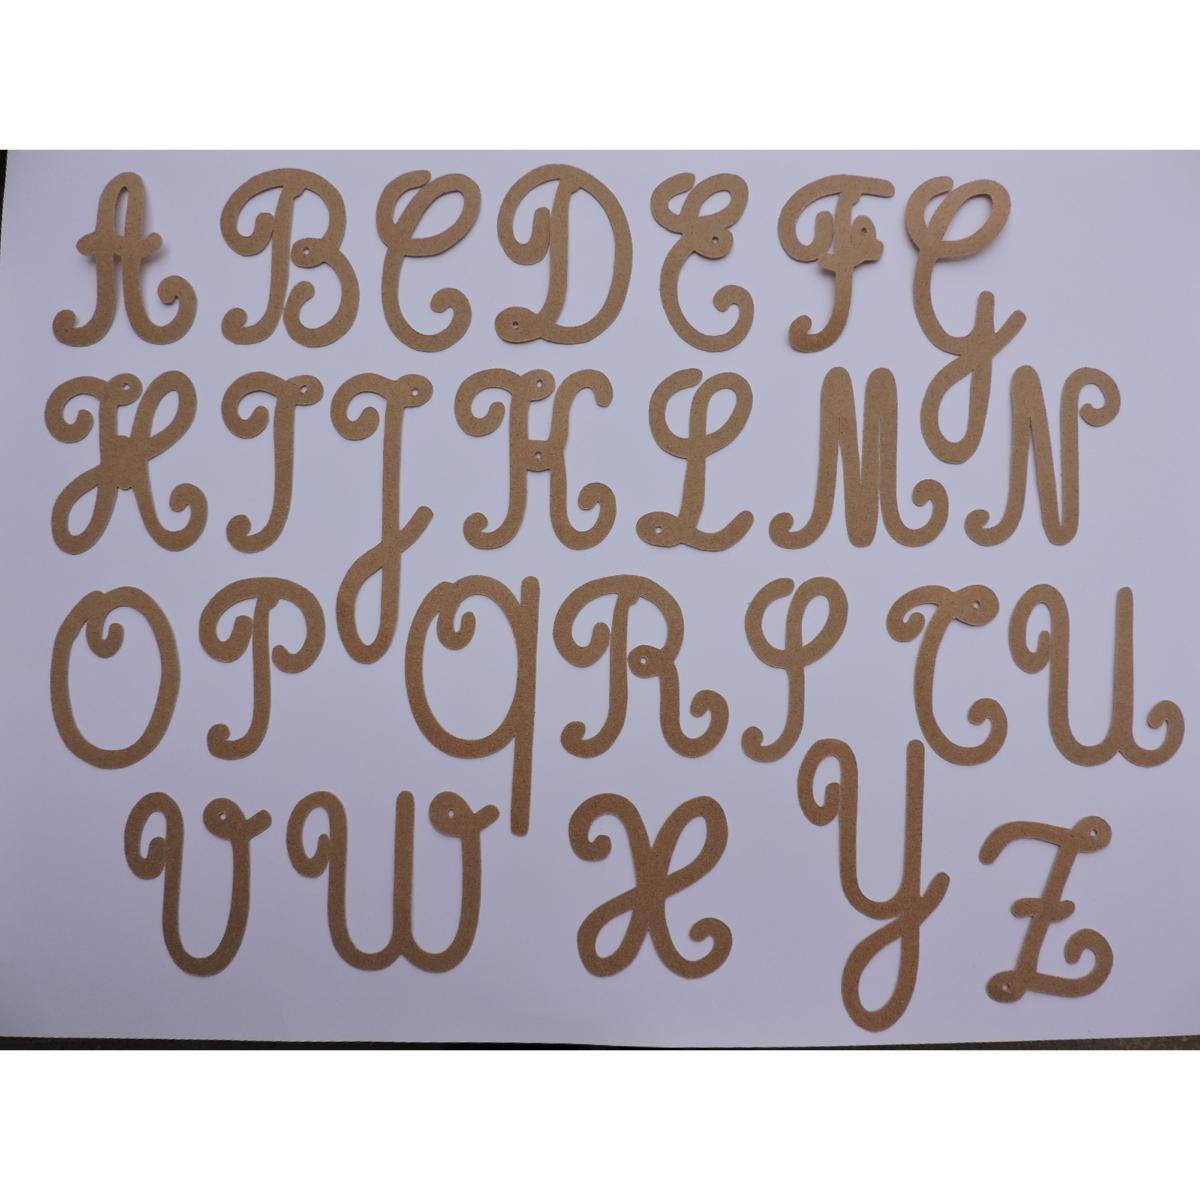 Lettres Rugueuses Majuscules Cursives Standard intérieur T Majuscule En Cursive